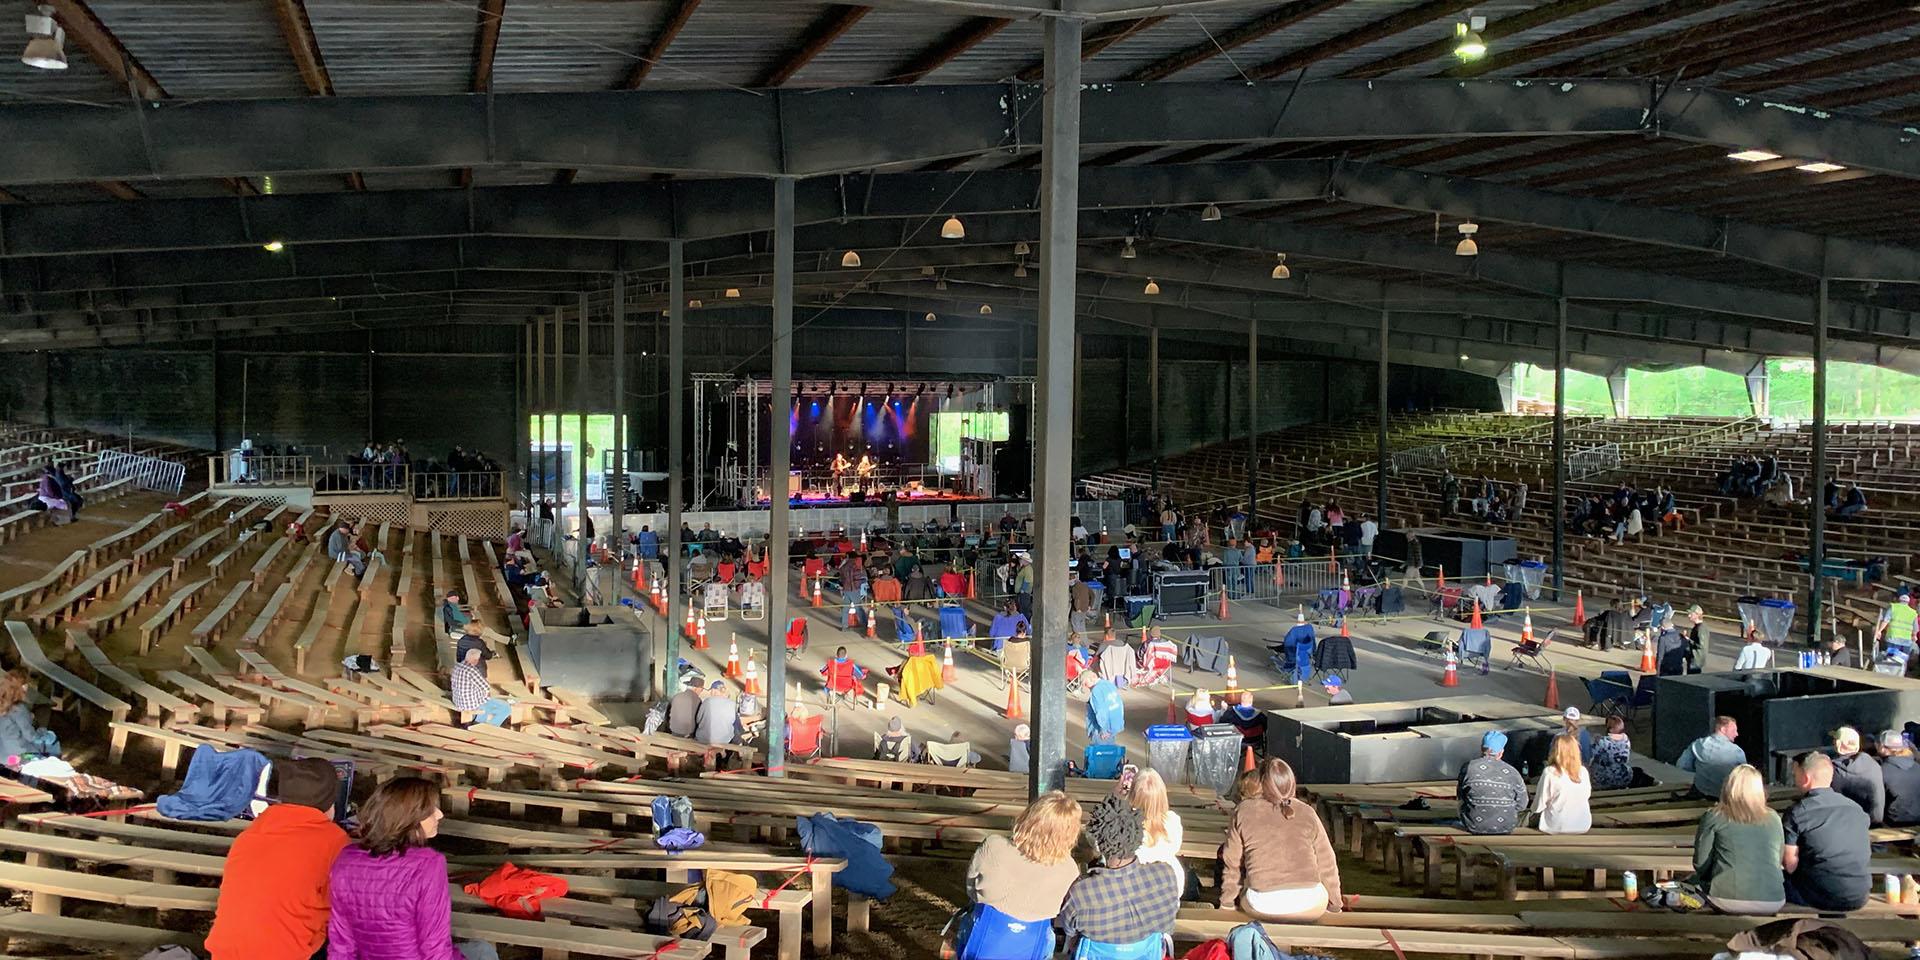 Growing Concerts at North Carolina Farm